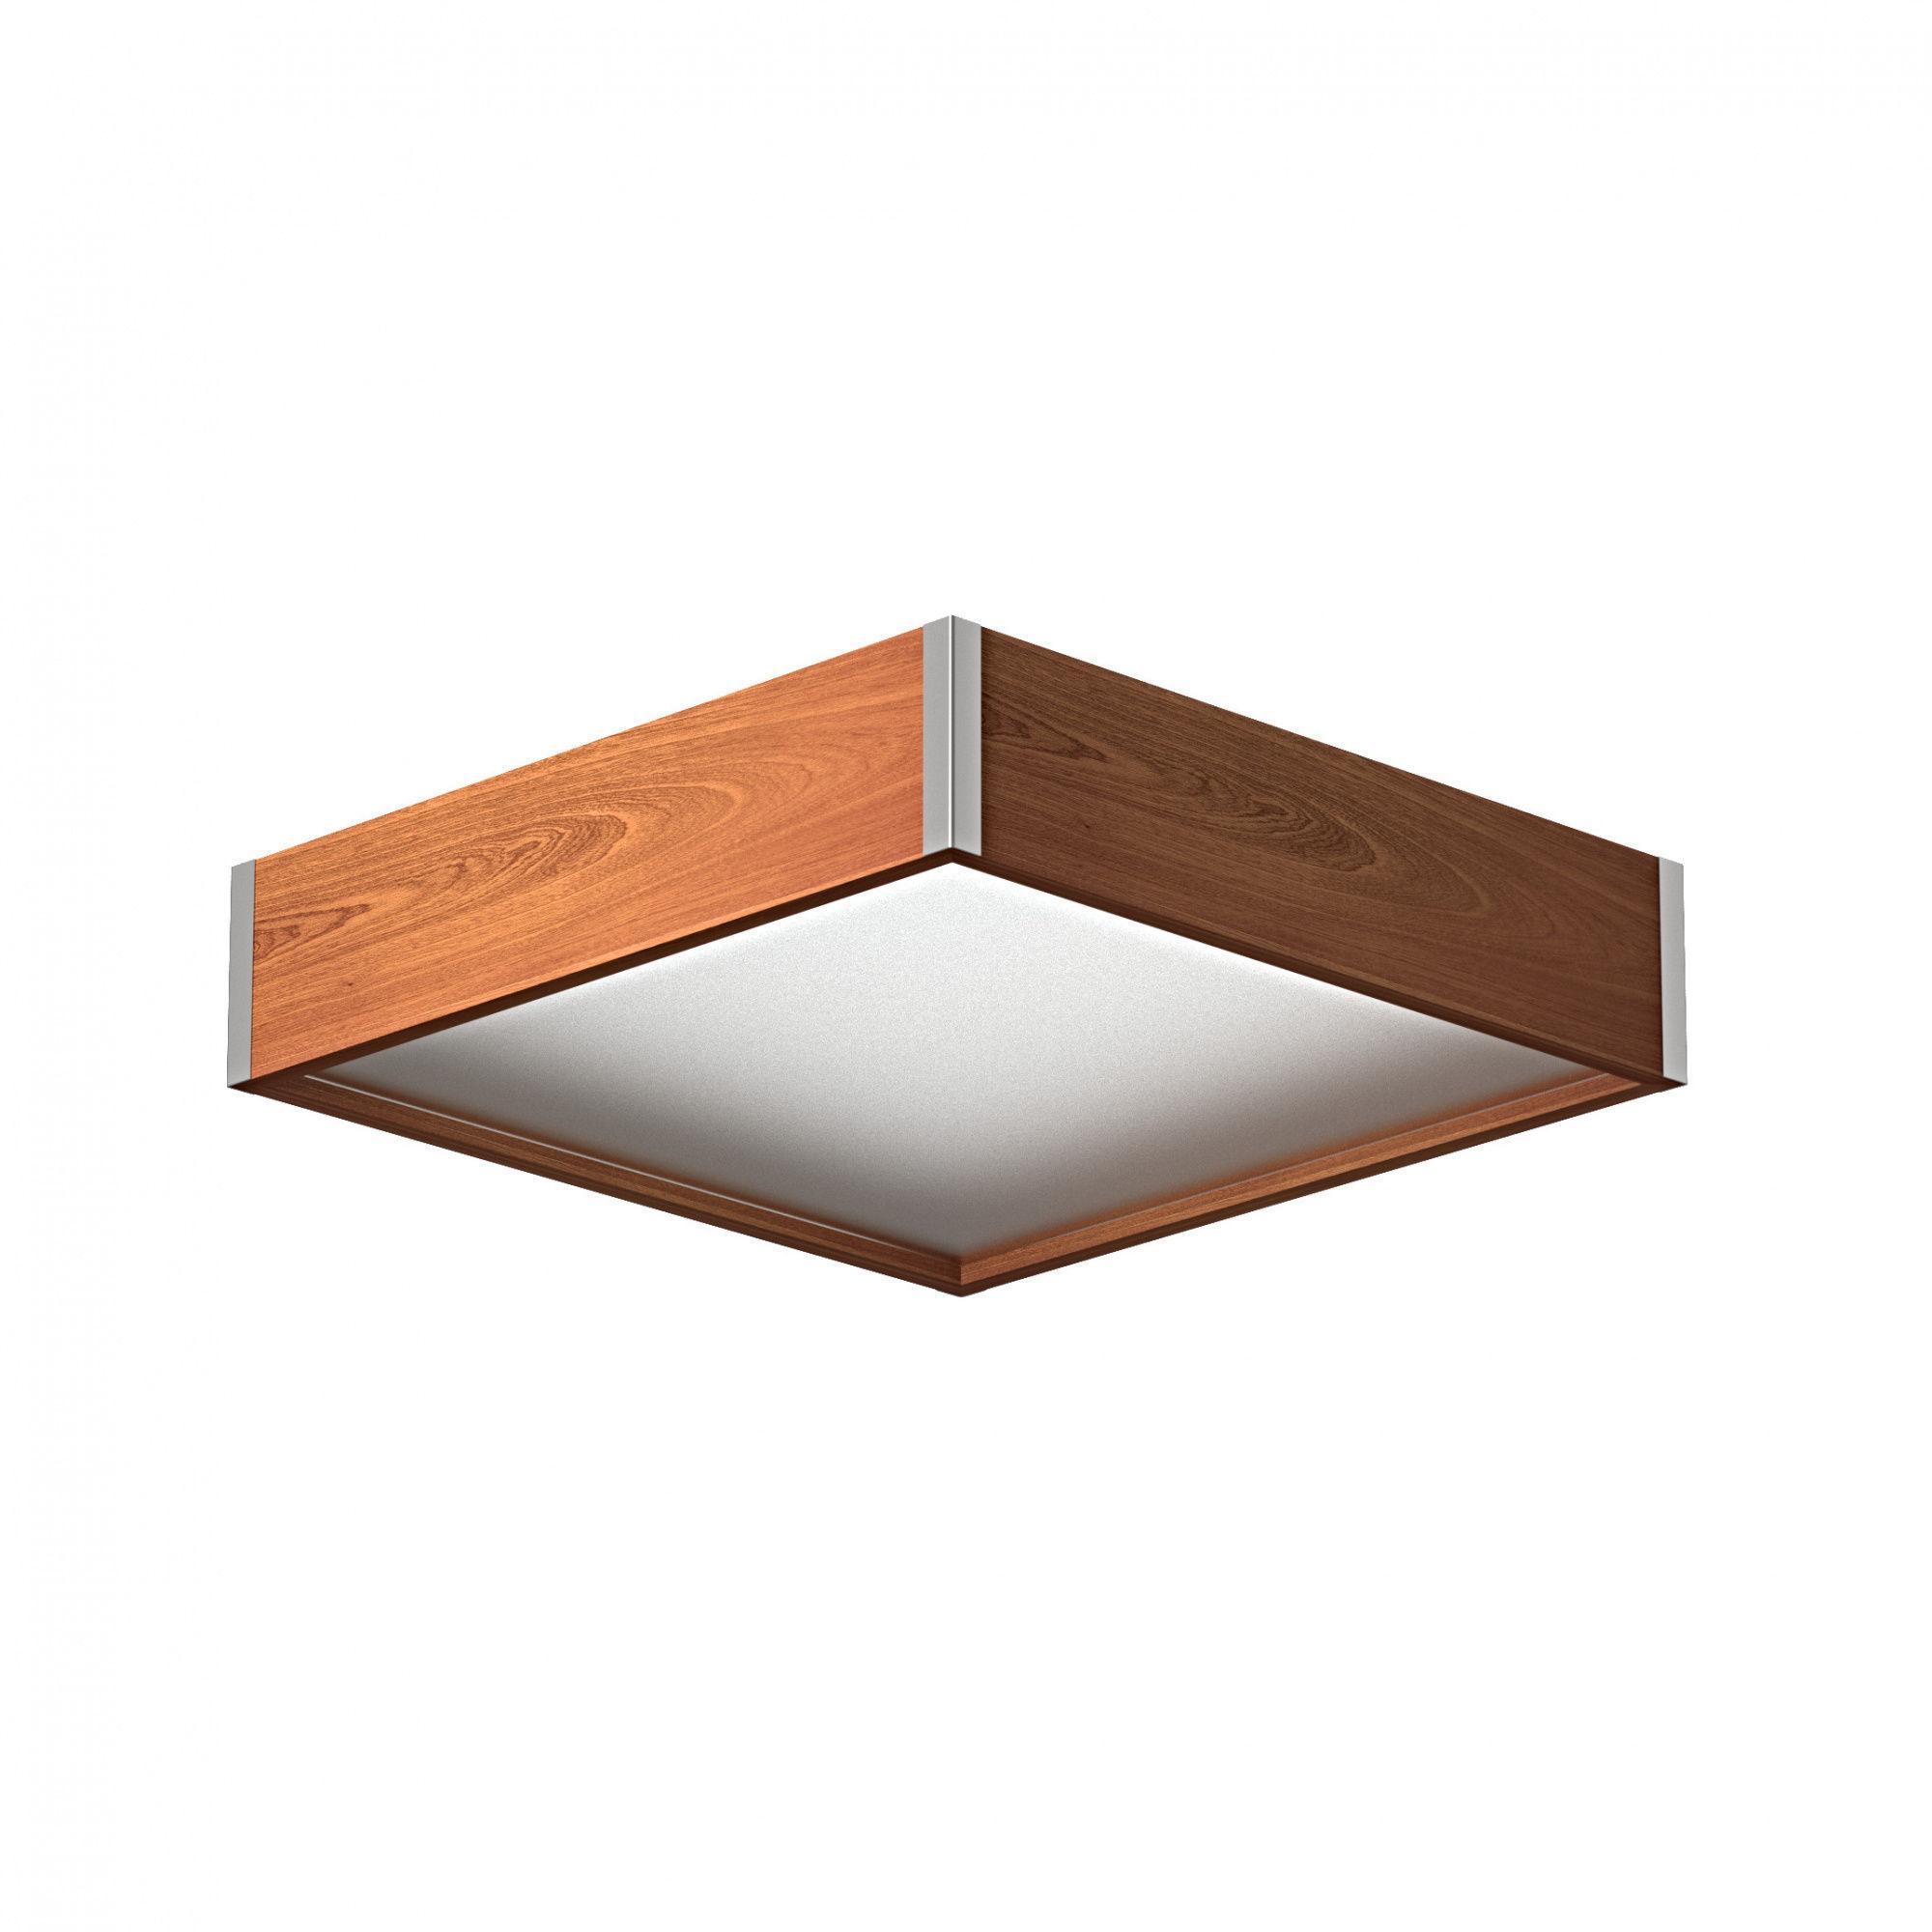 Plafon Avatar 400 1172P4 różne kolory Cleoni kwadratowa oprawa w minimalistycznym stylu